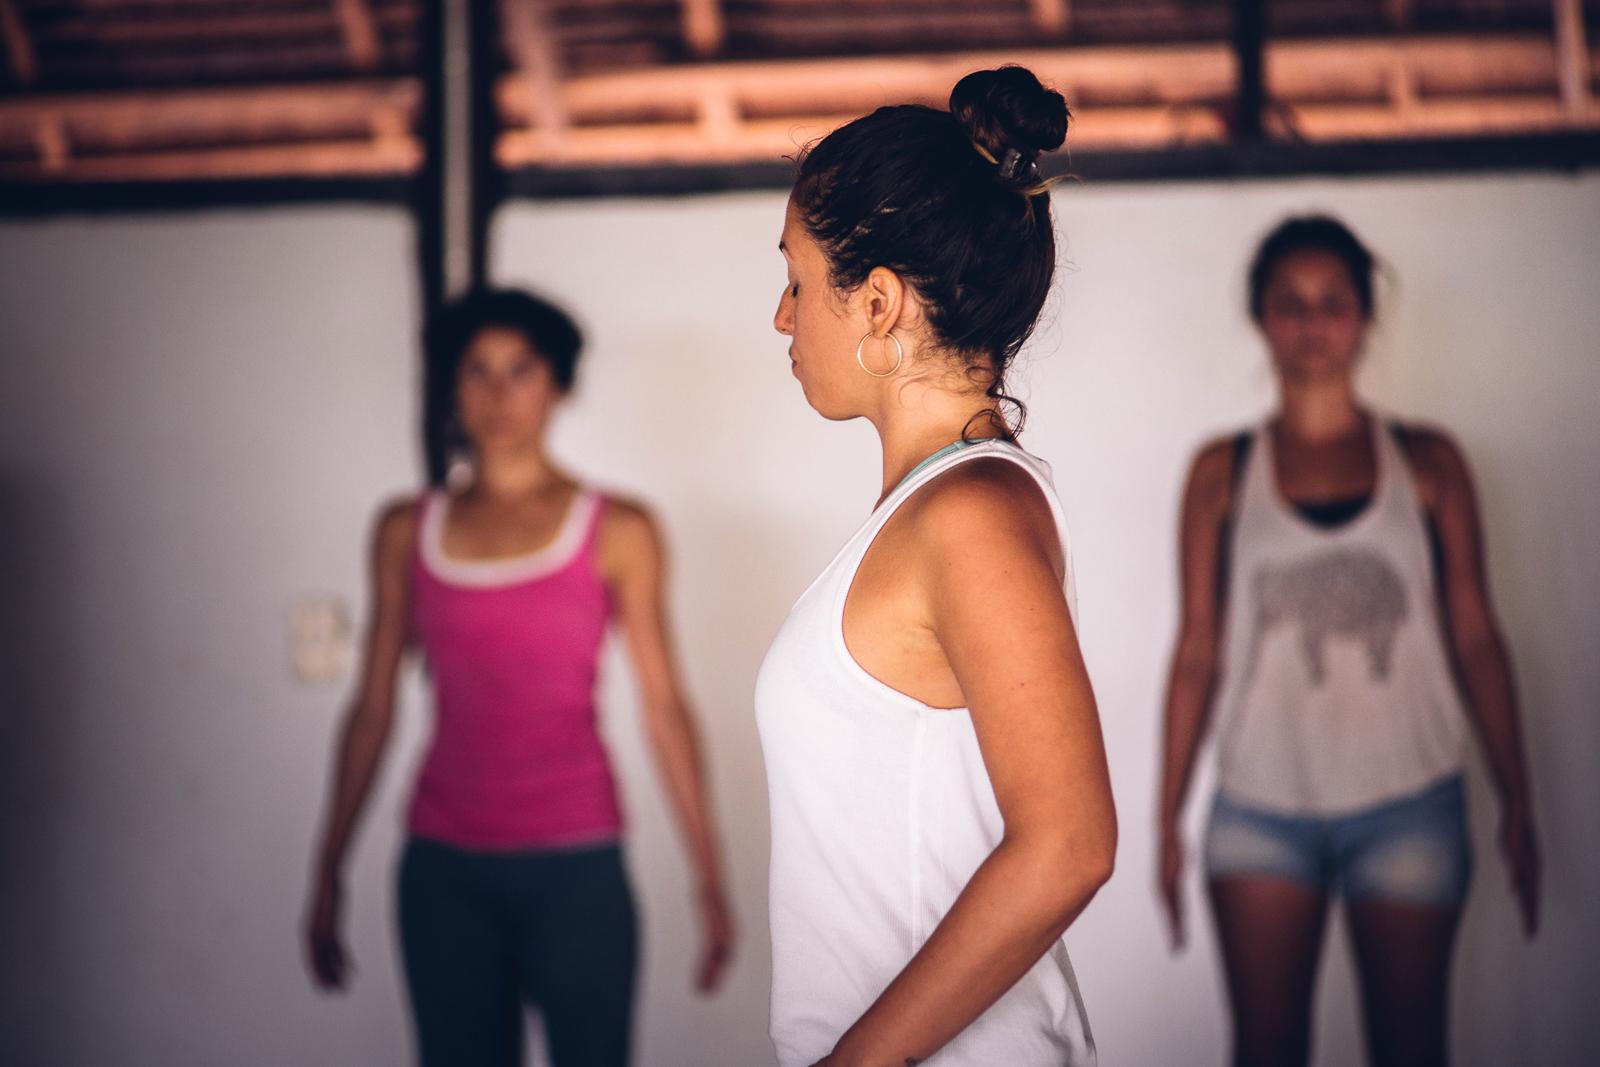 2019_RebeccaRuetten_Web_Yoga-65.jpg